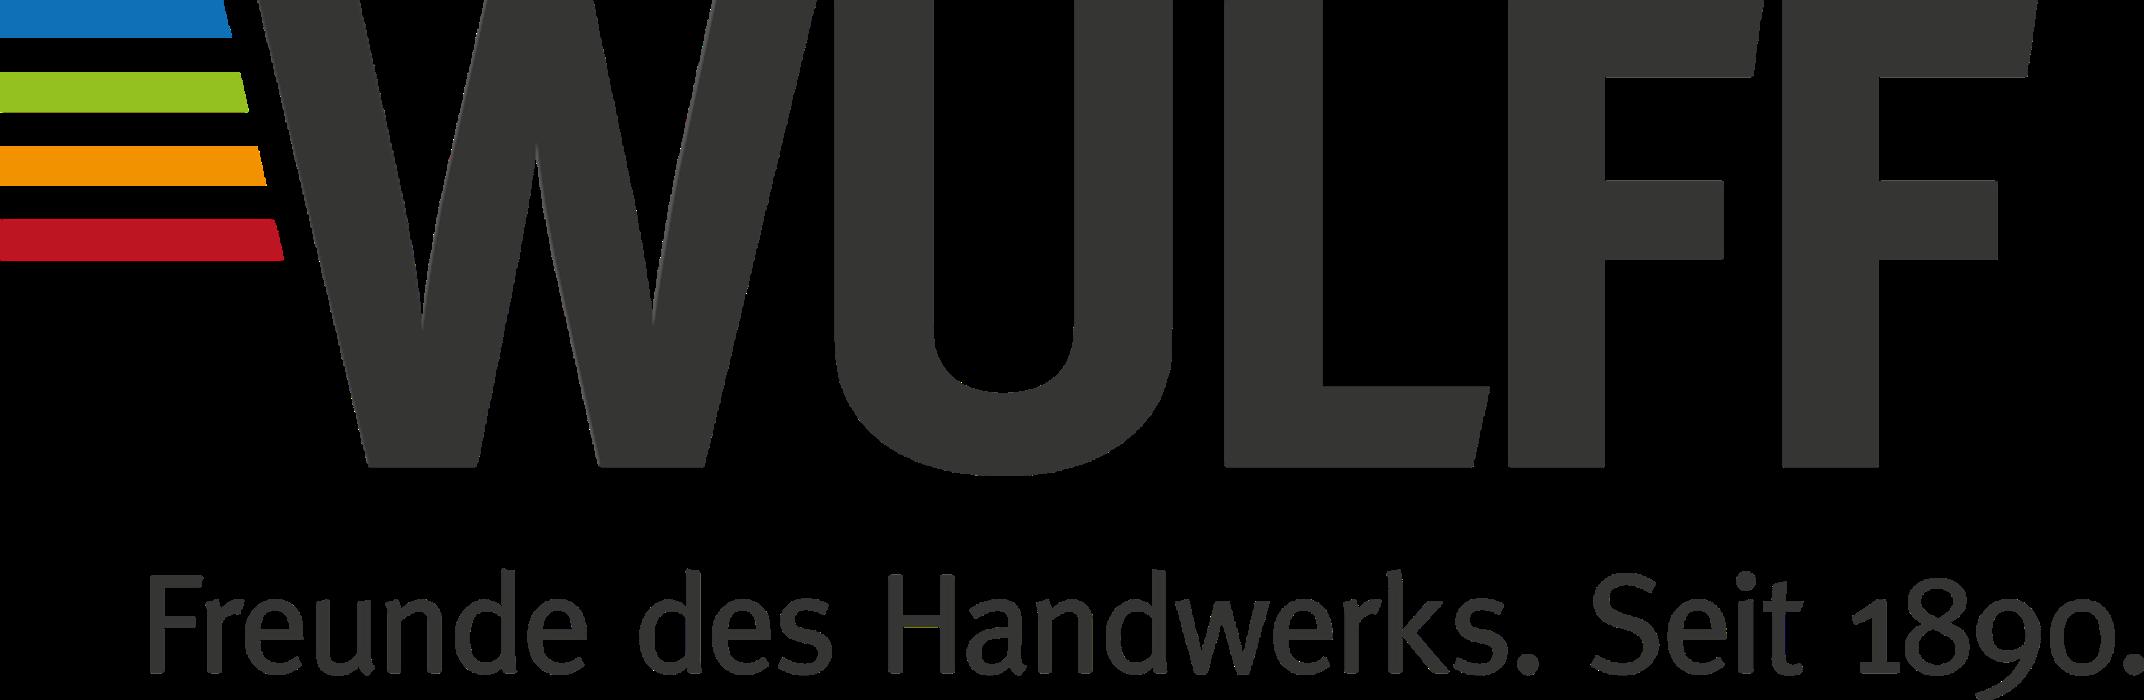 Bild zu Wulff GmbH & Co. KG in Crossen an der Elster